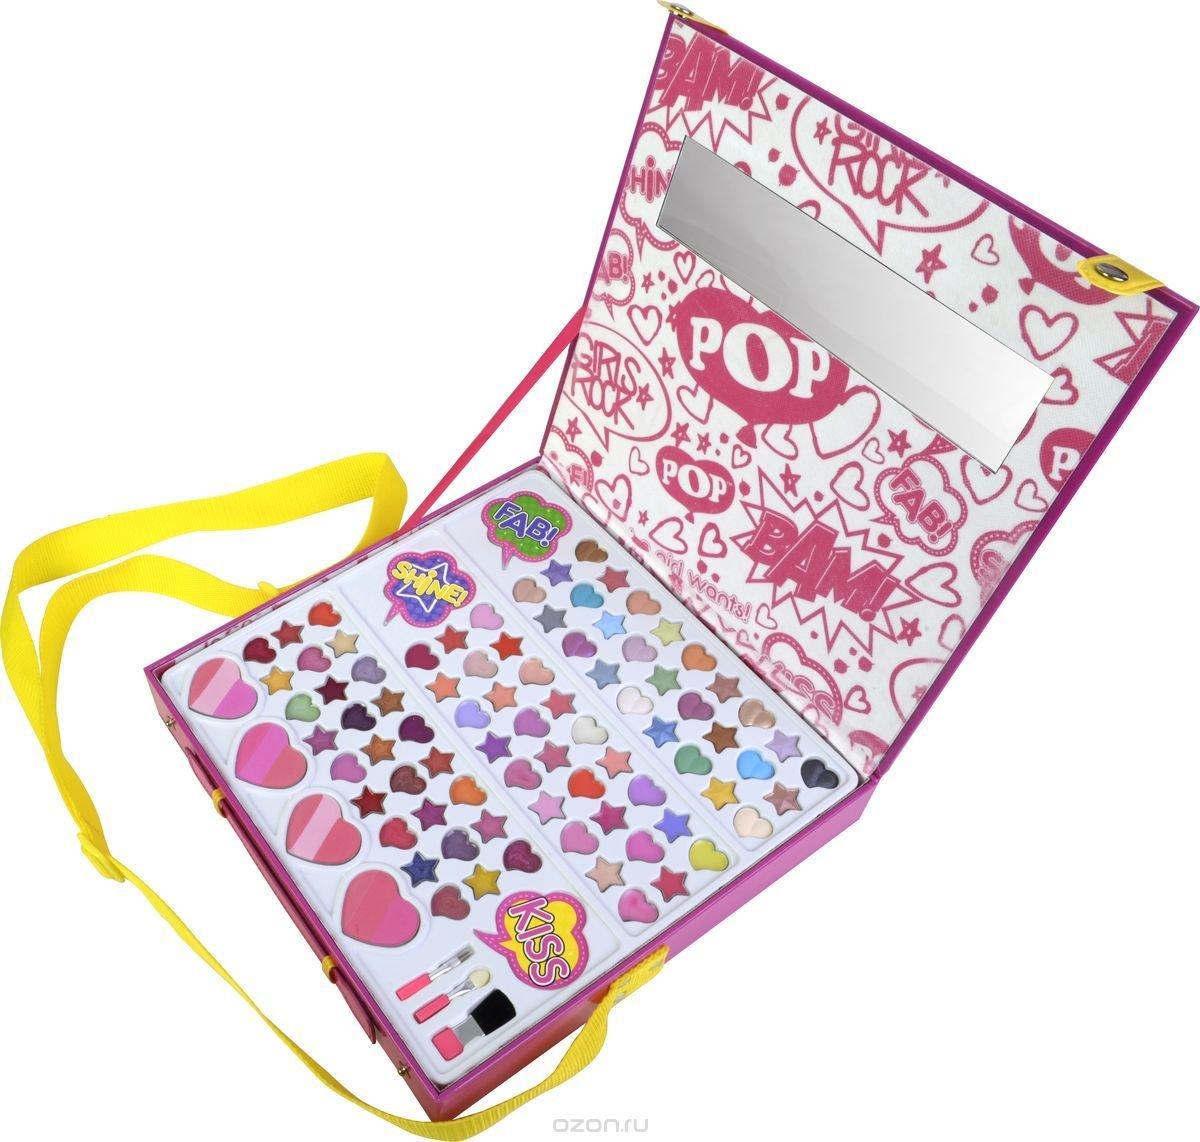 Интернет-магазин подарков для девочек 735